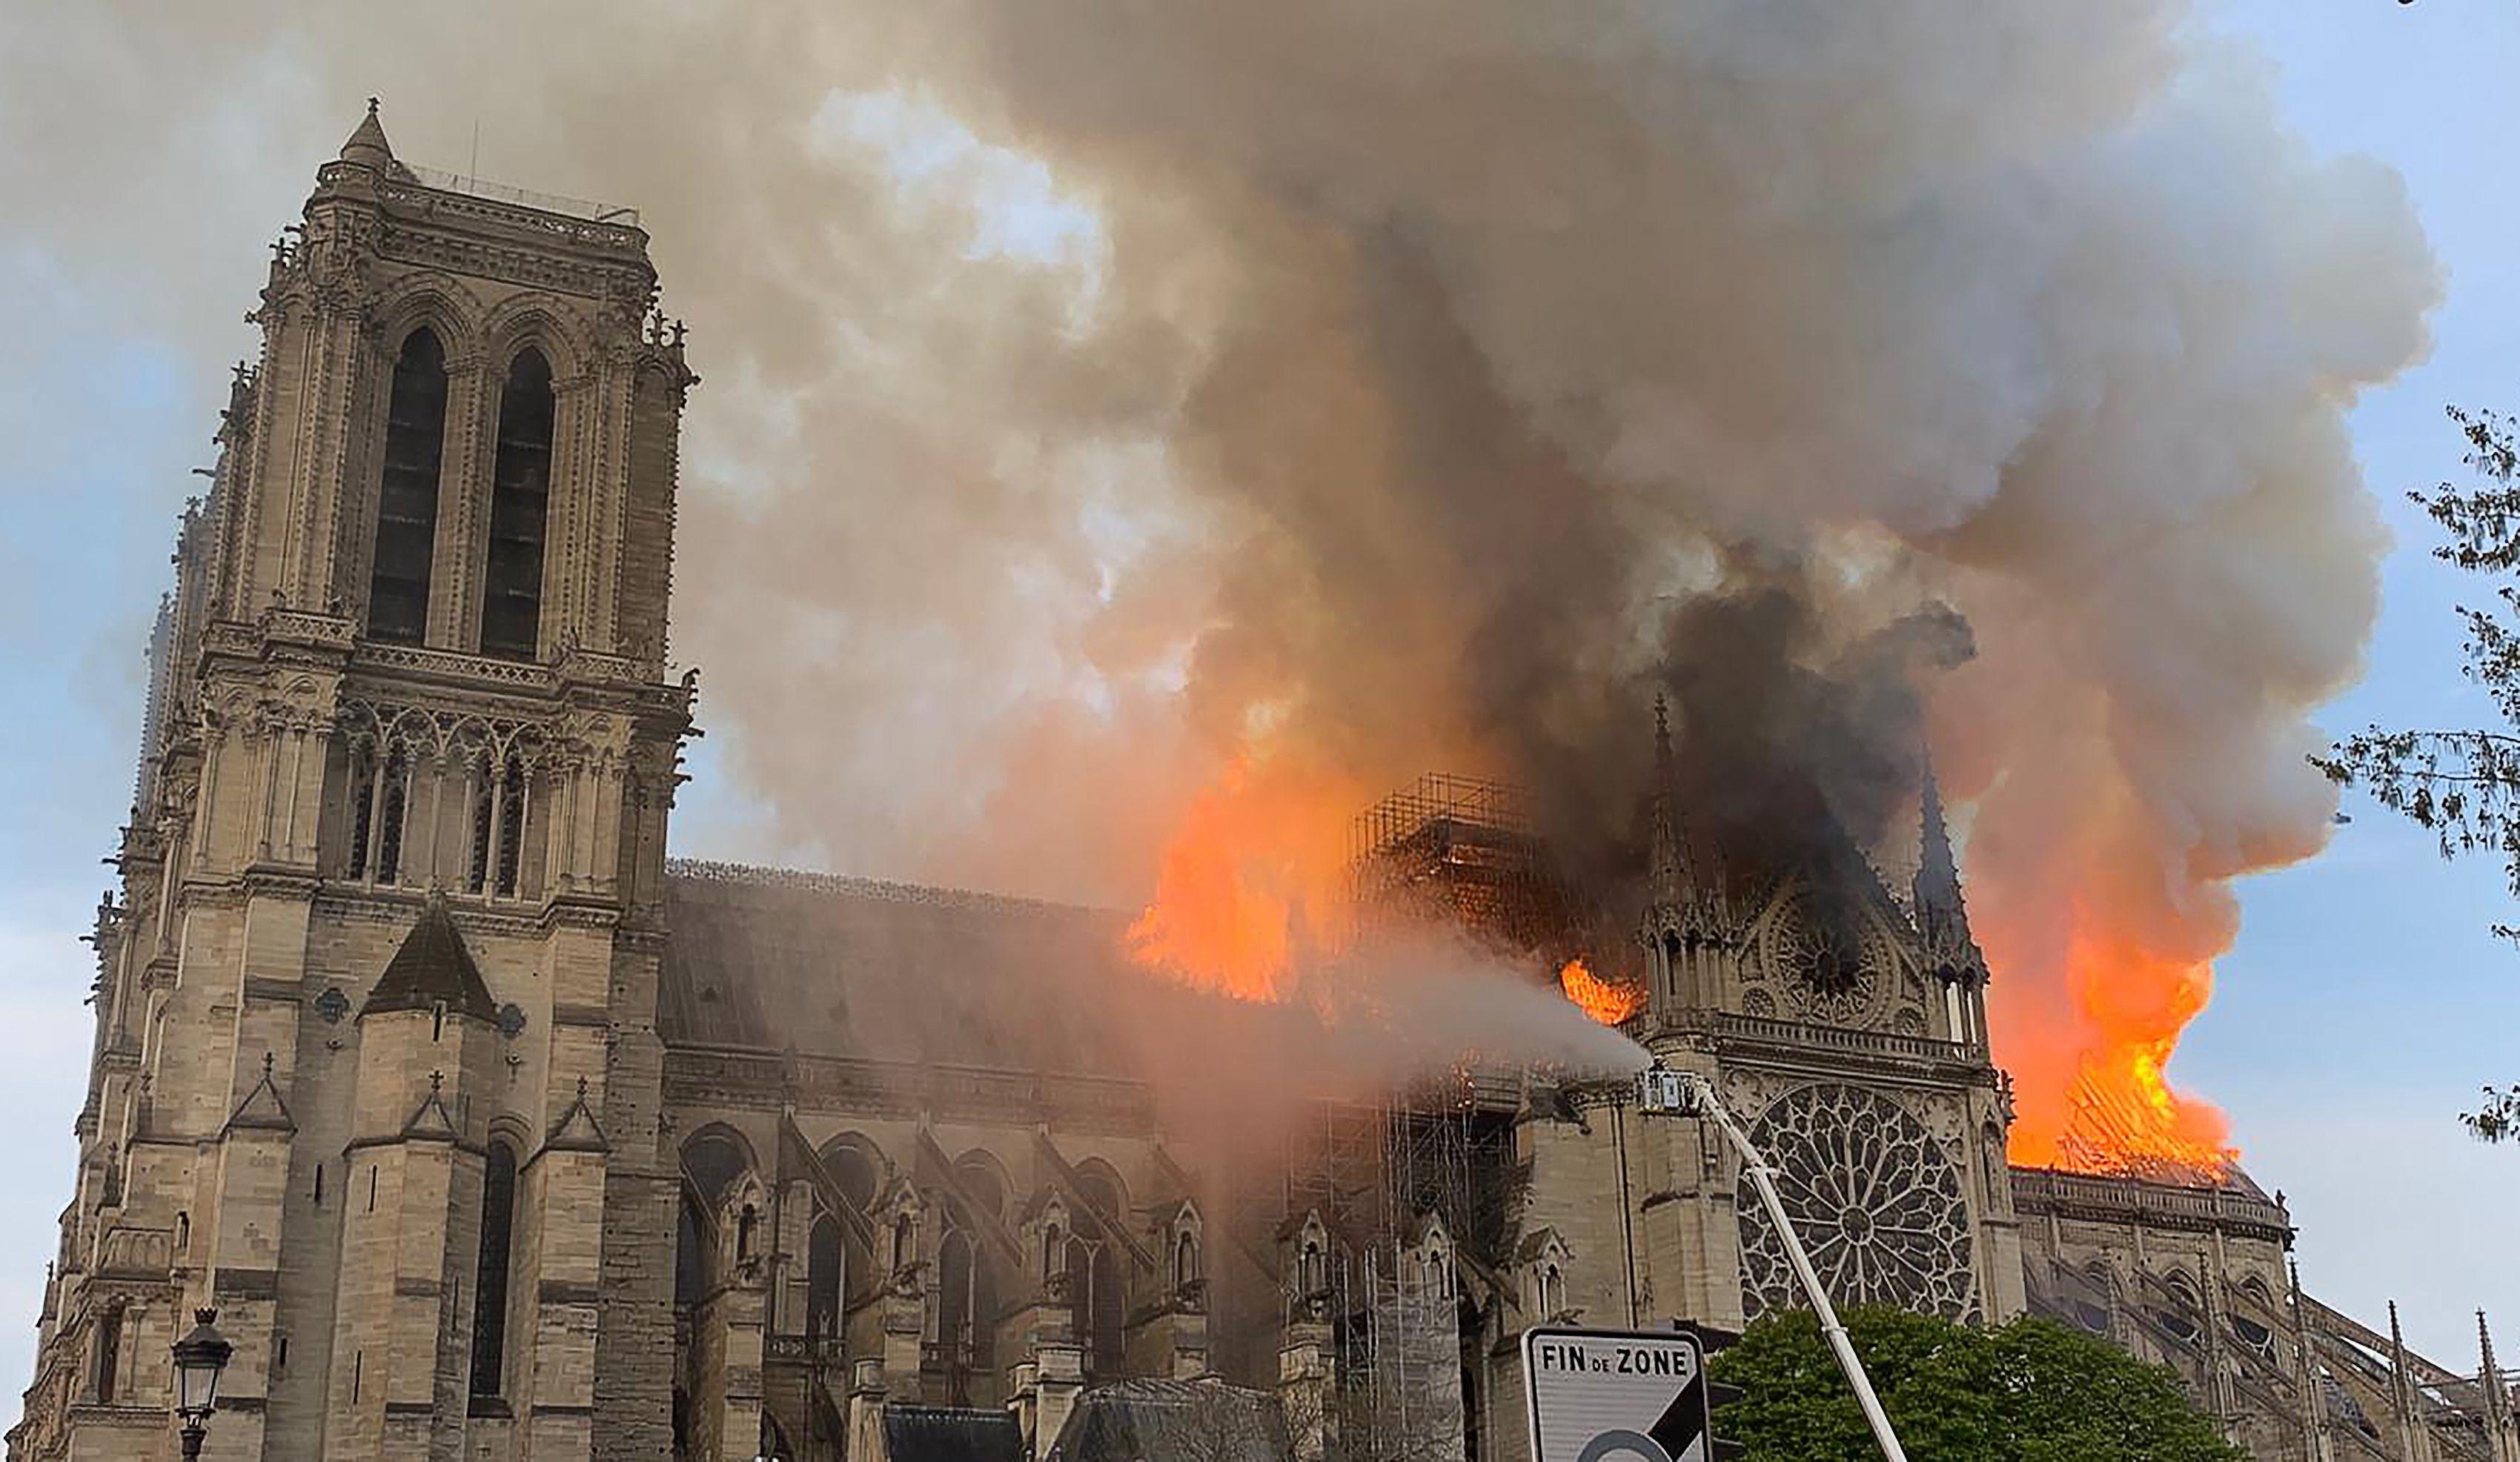 Deklaracje pomocy przy rekonstruowaniu paryskiej świątyni po poniedziałkowym pożarze płyną z całego świata. Także z… Krakowa